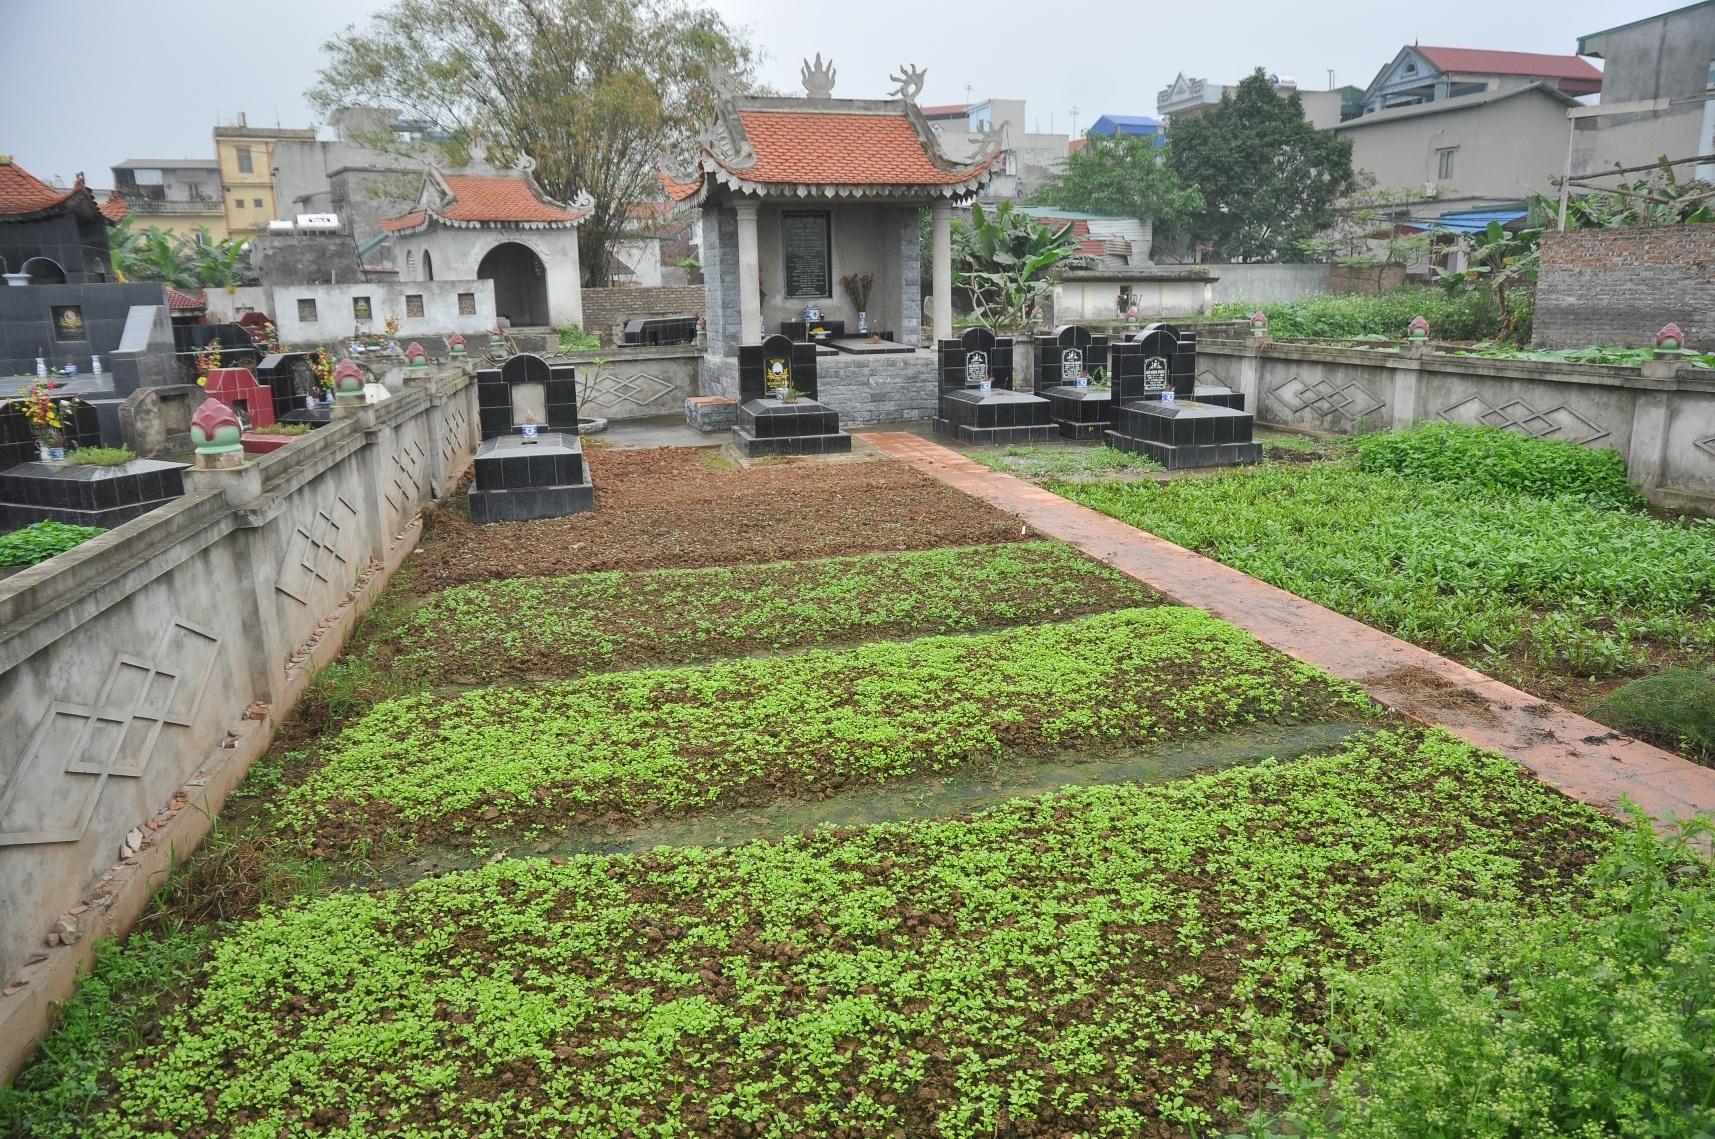 Khu vực đất thuộc nghĩa trang của huyện Thường Tín cũng được người dân tận dụng để trồng đủ các loại rau.